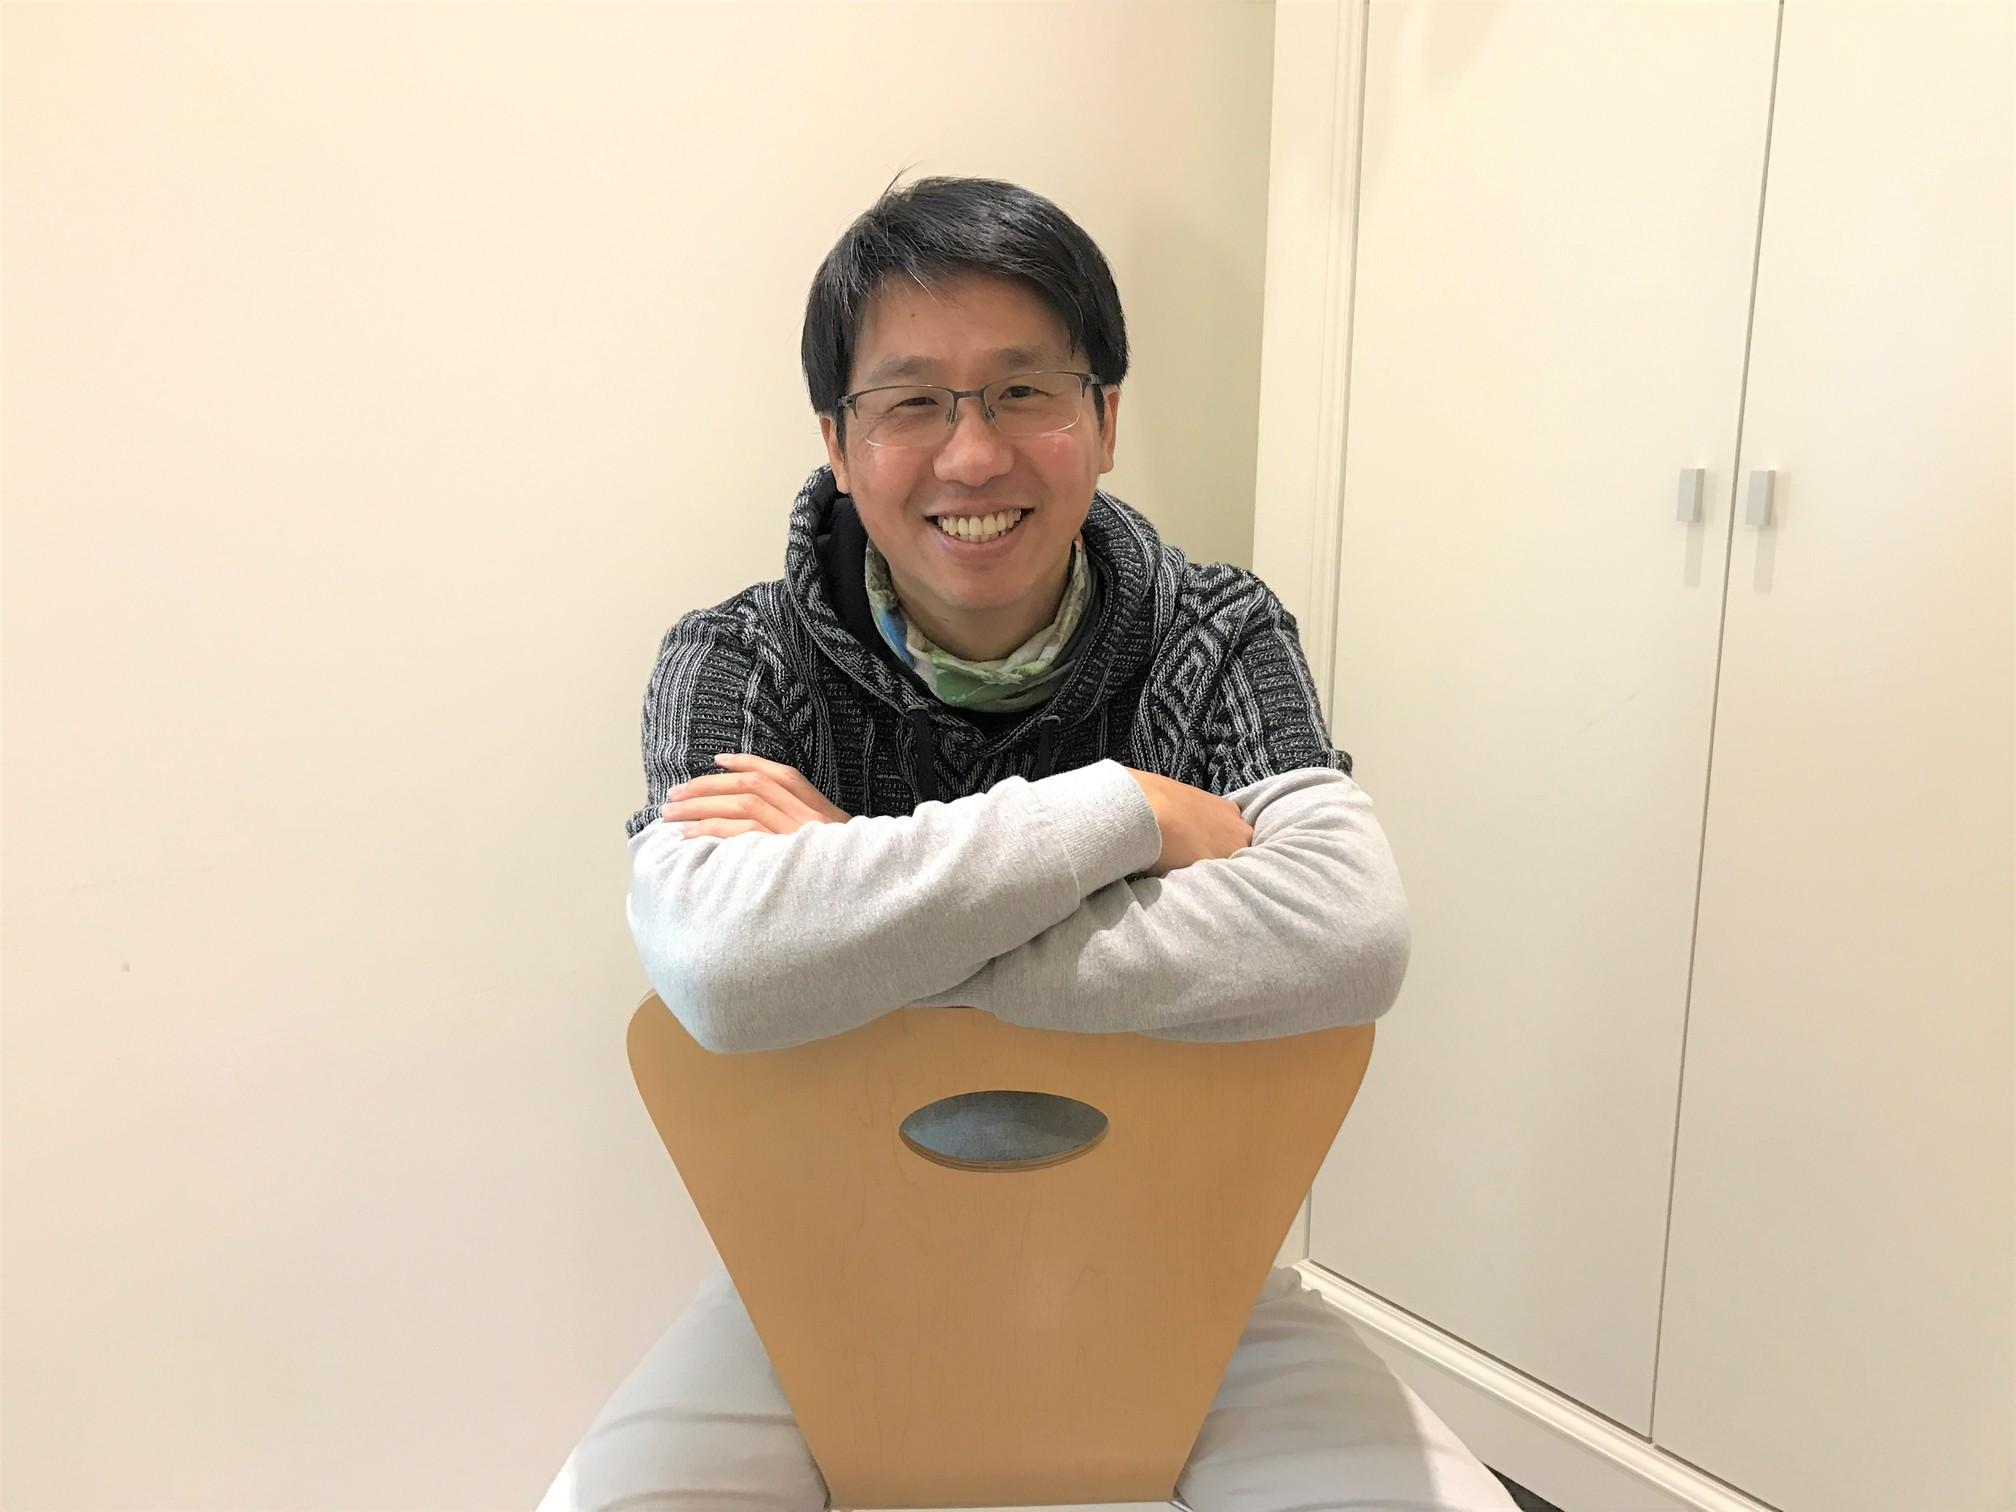 工作分享》陳世耀(親子天下社群暨影音總監):想玩、愛玩,不要被自己的工作title限制